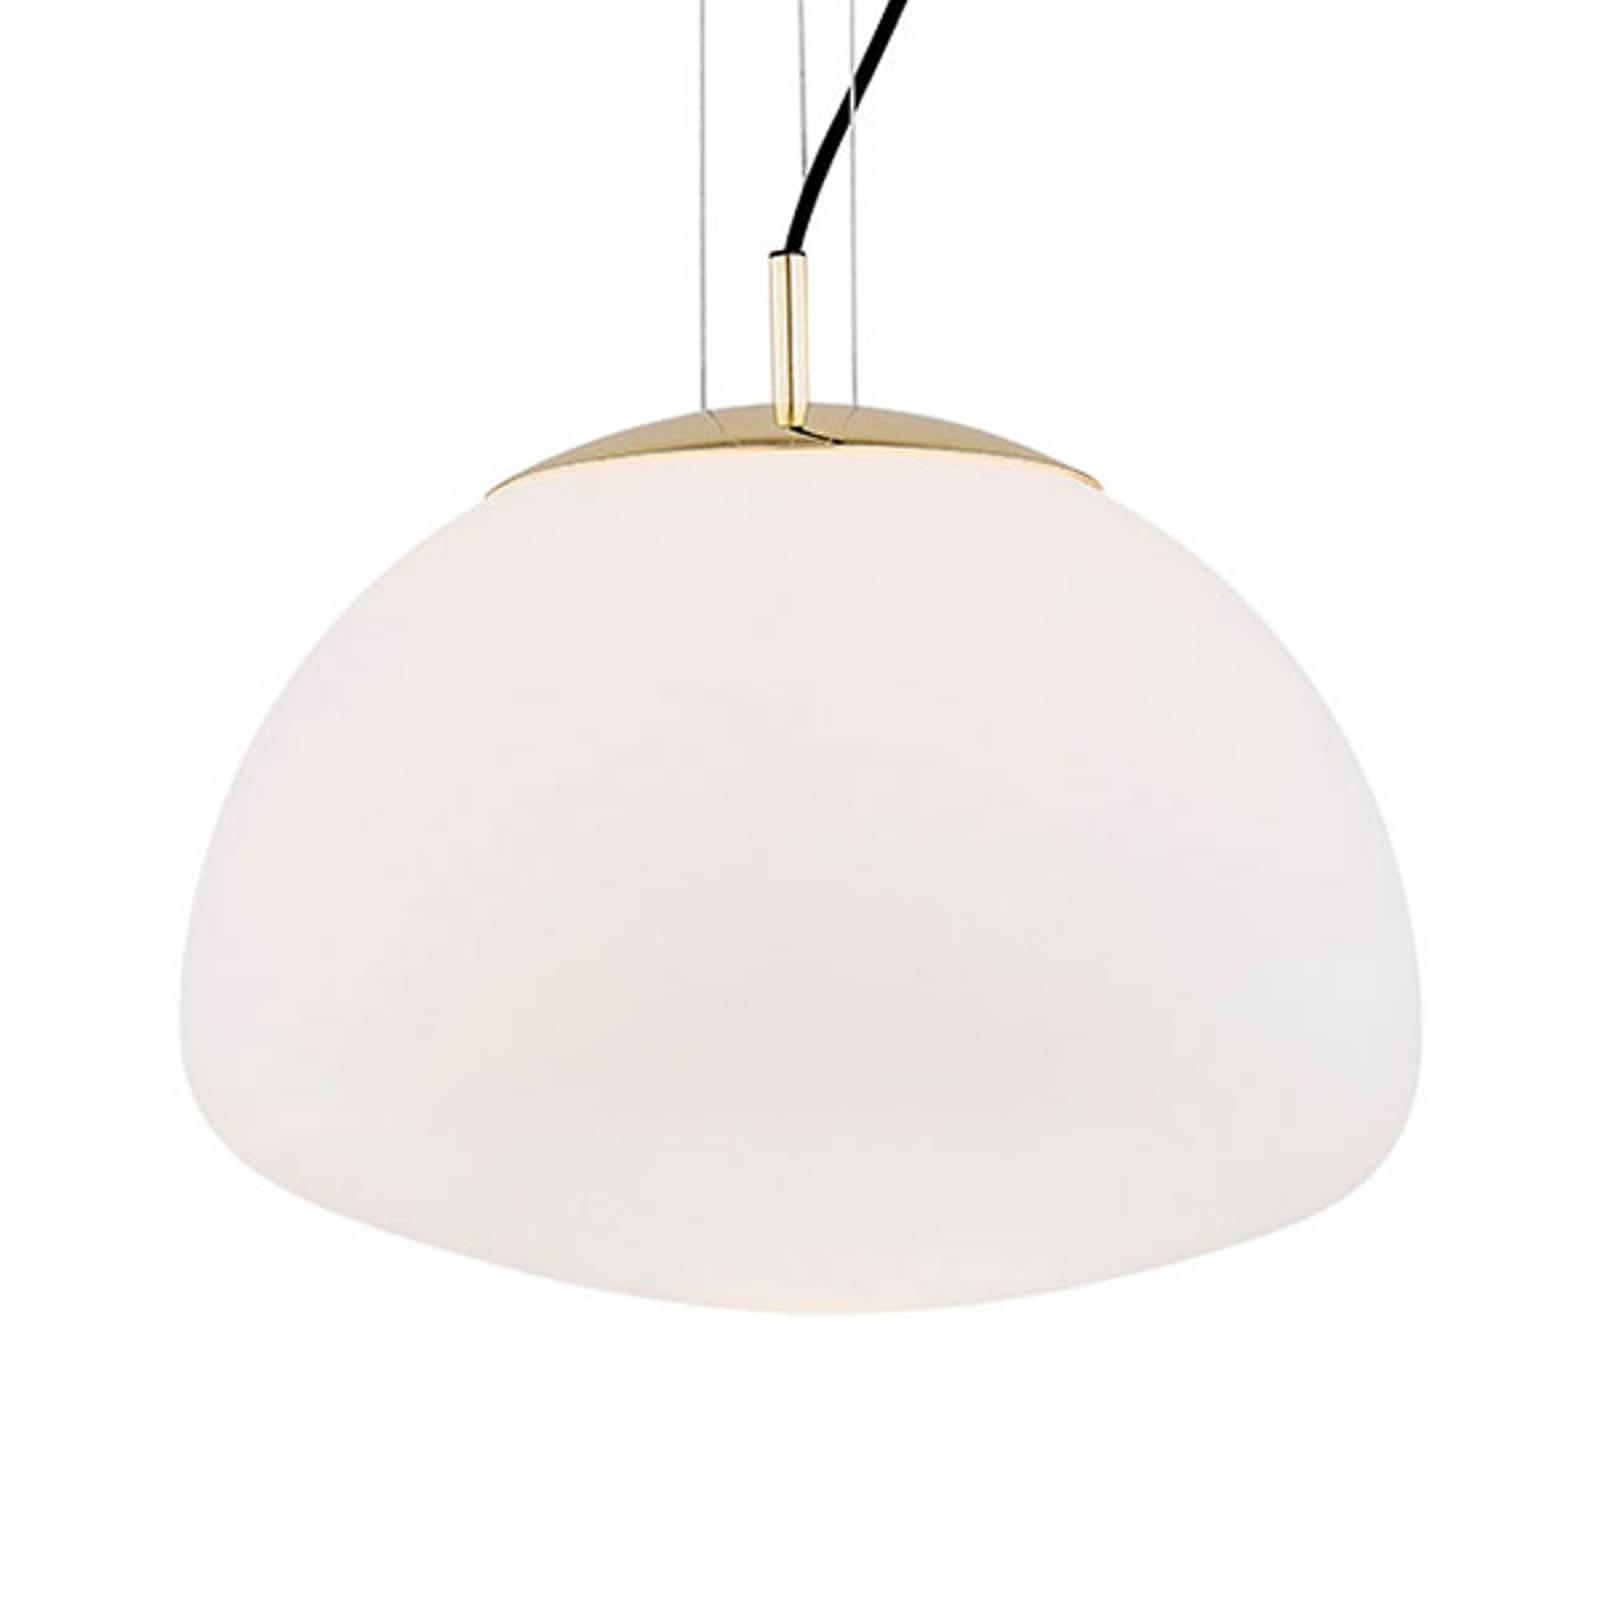 Riippuvalo Turku, 1-lamppuinen, Ø 40 cm